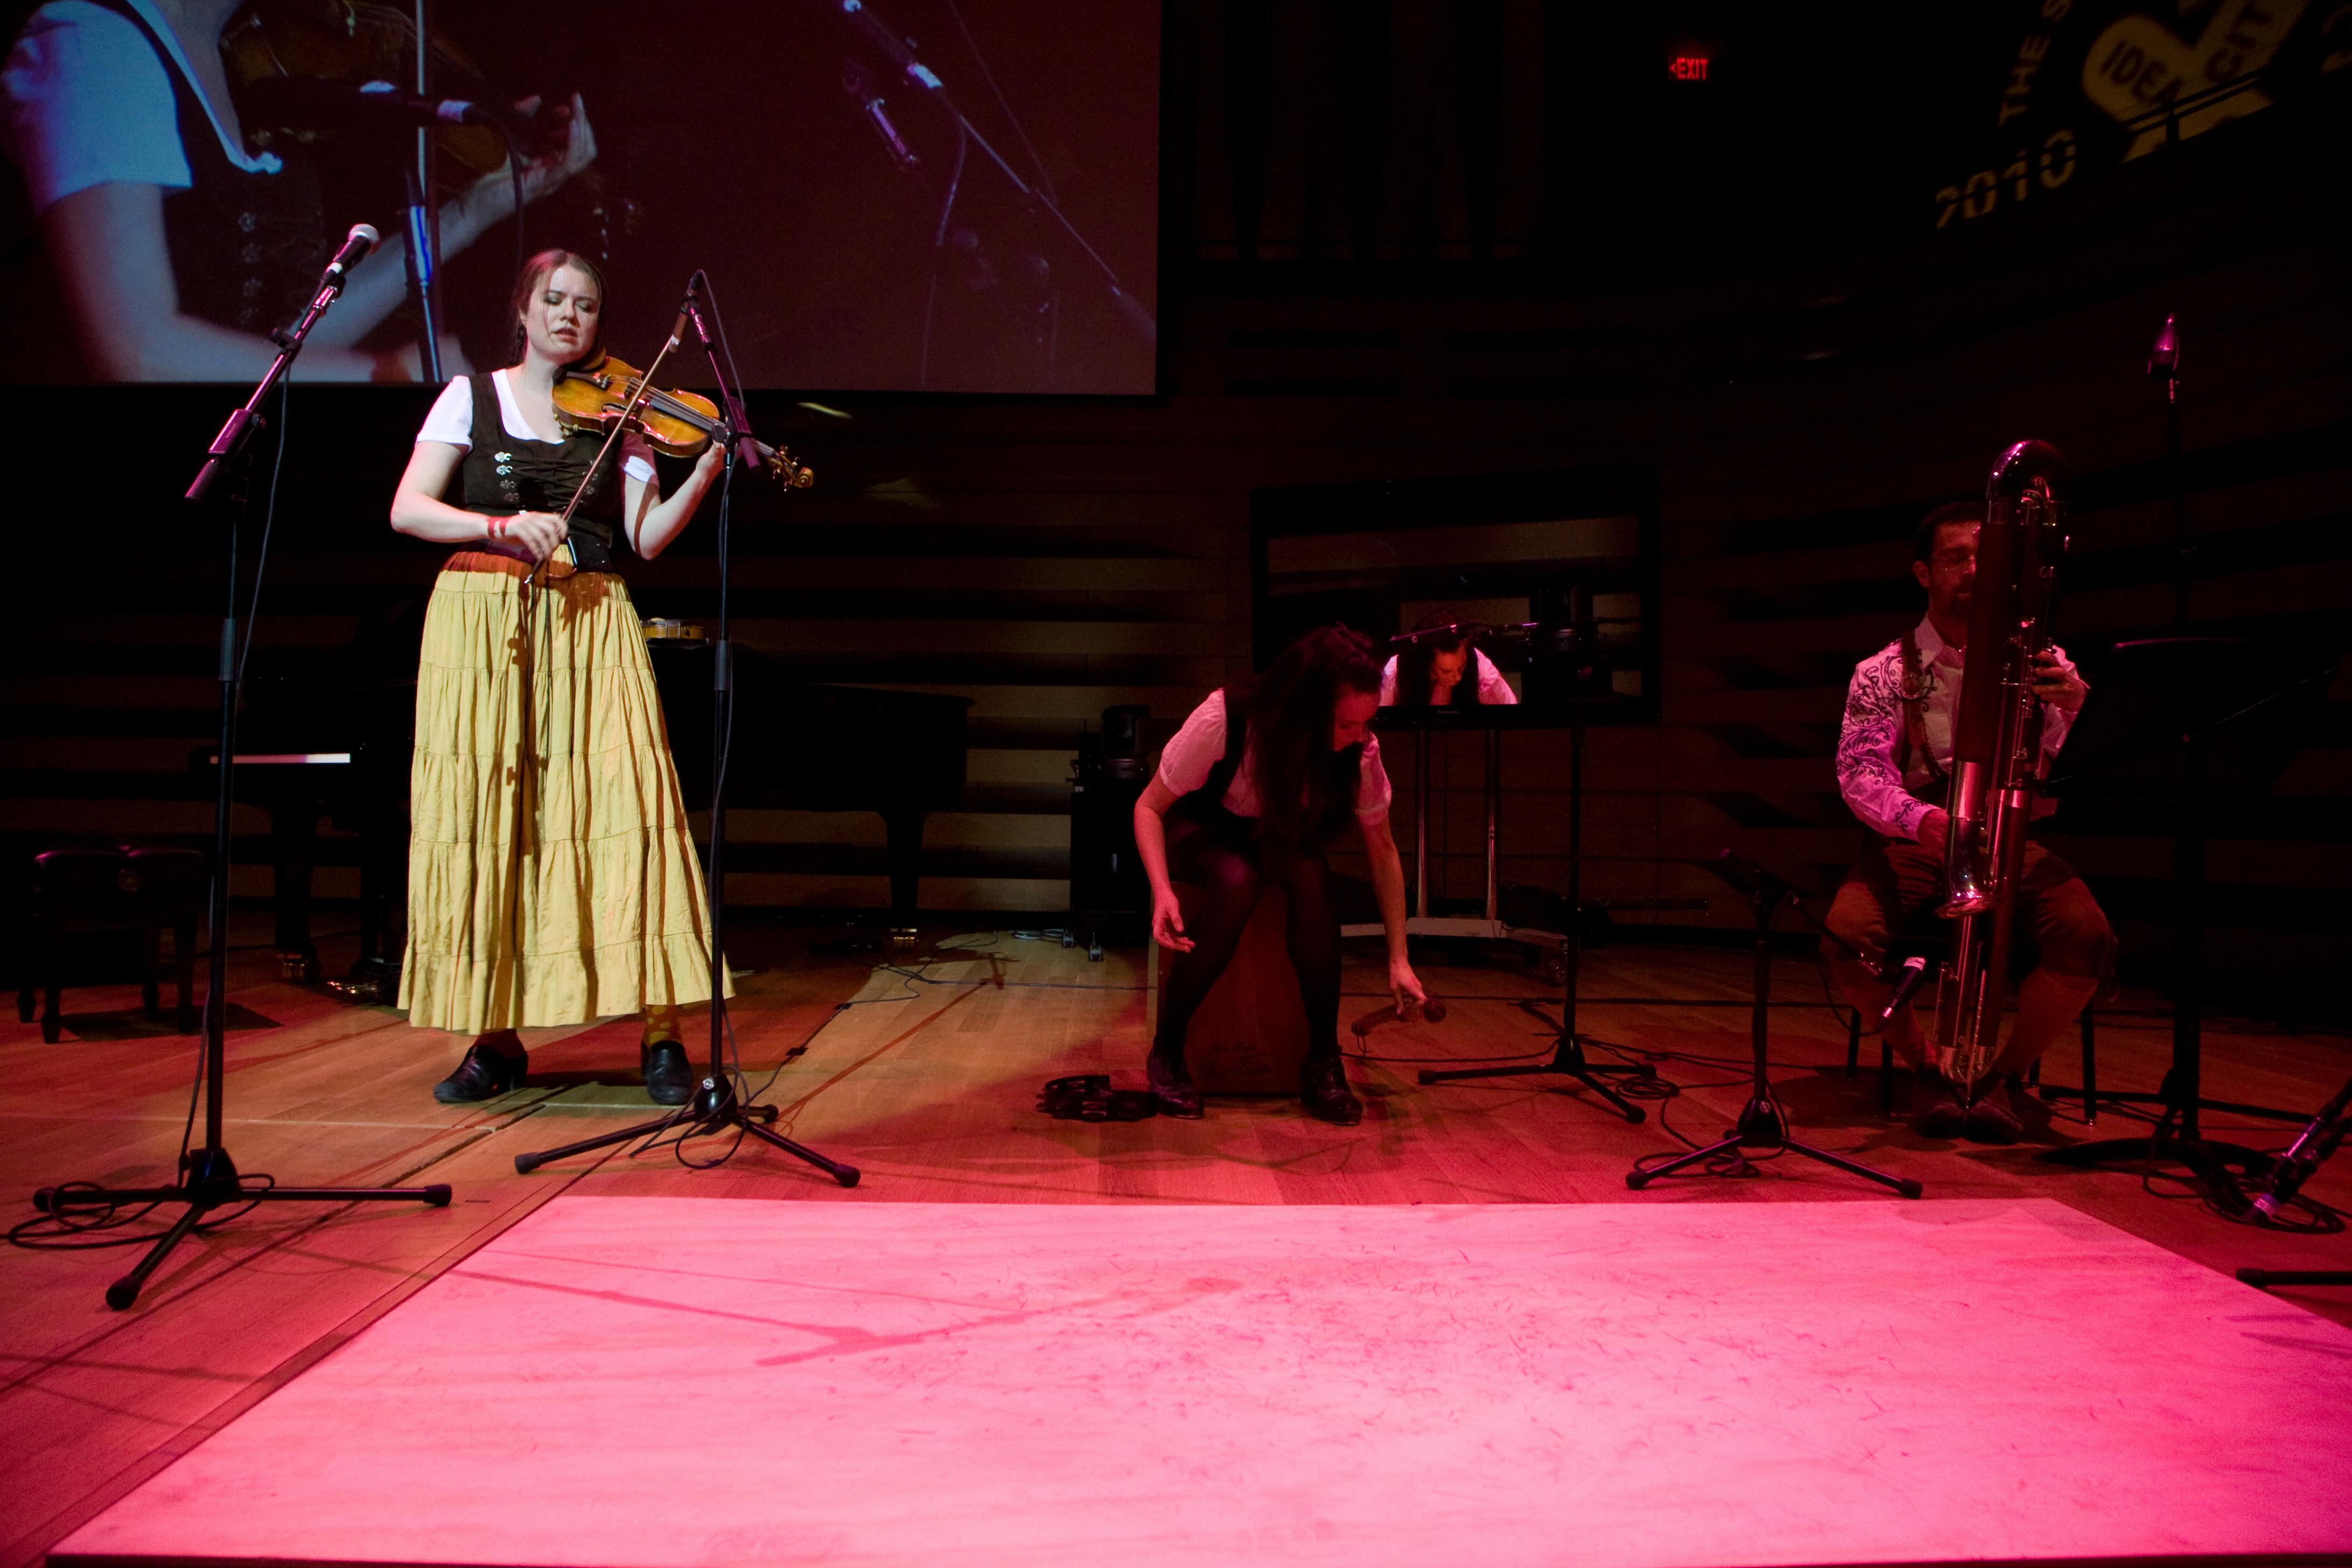 Lara St. John Polkastra lively polka